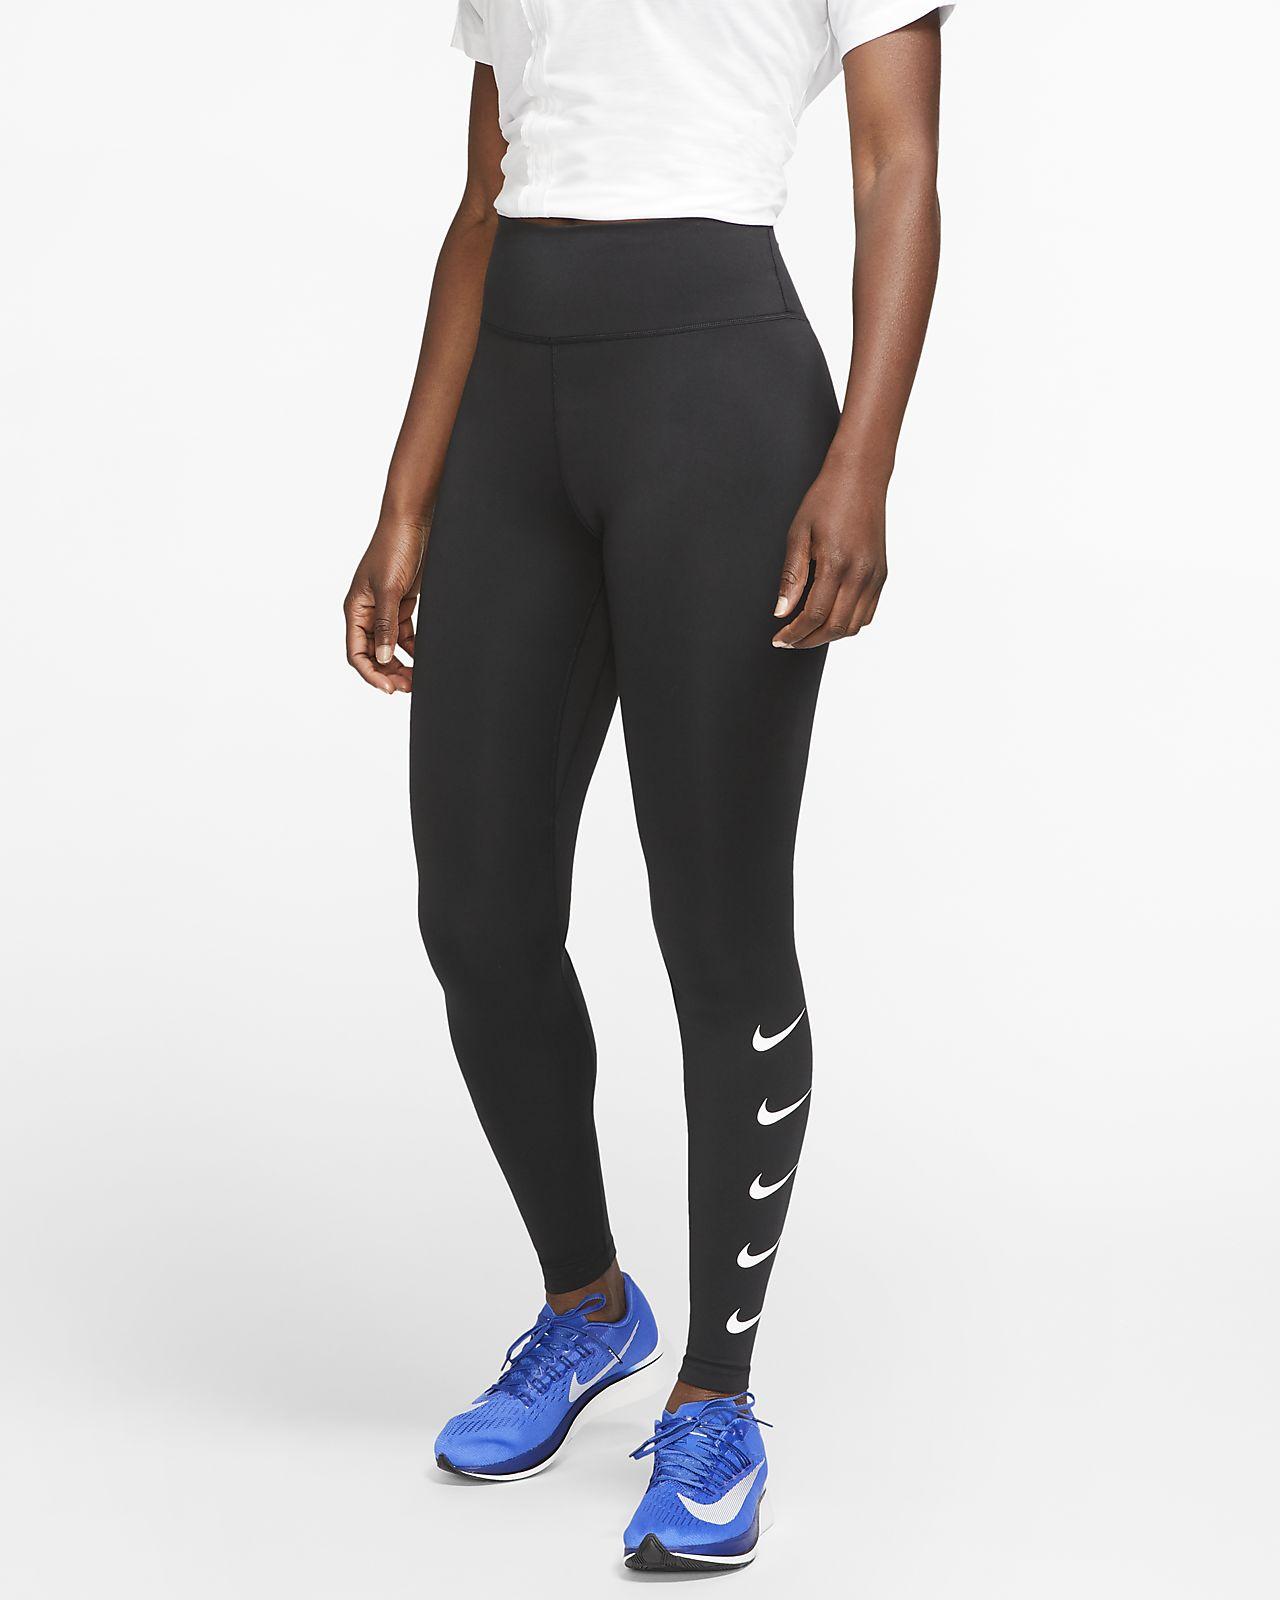 Damskie legginsy do biegania Nike Swoosh